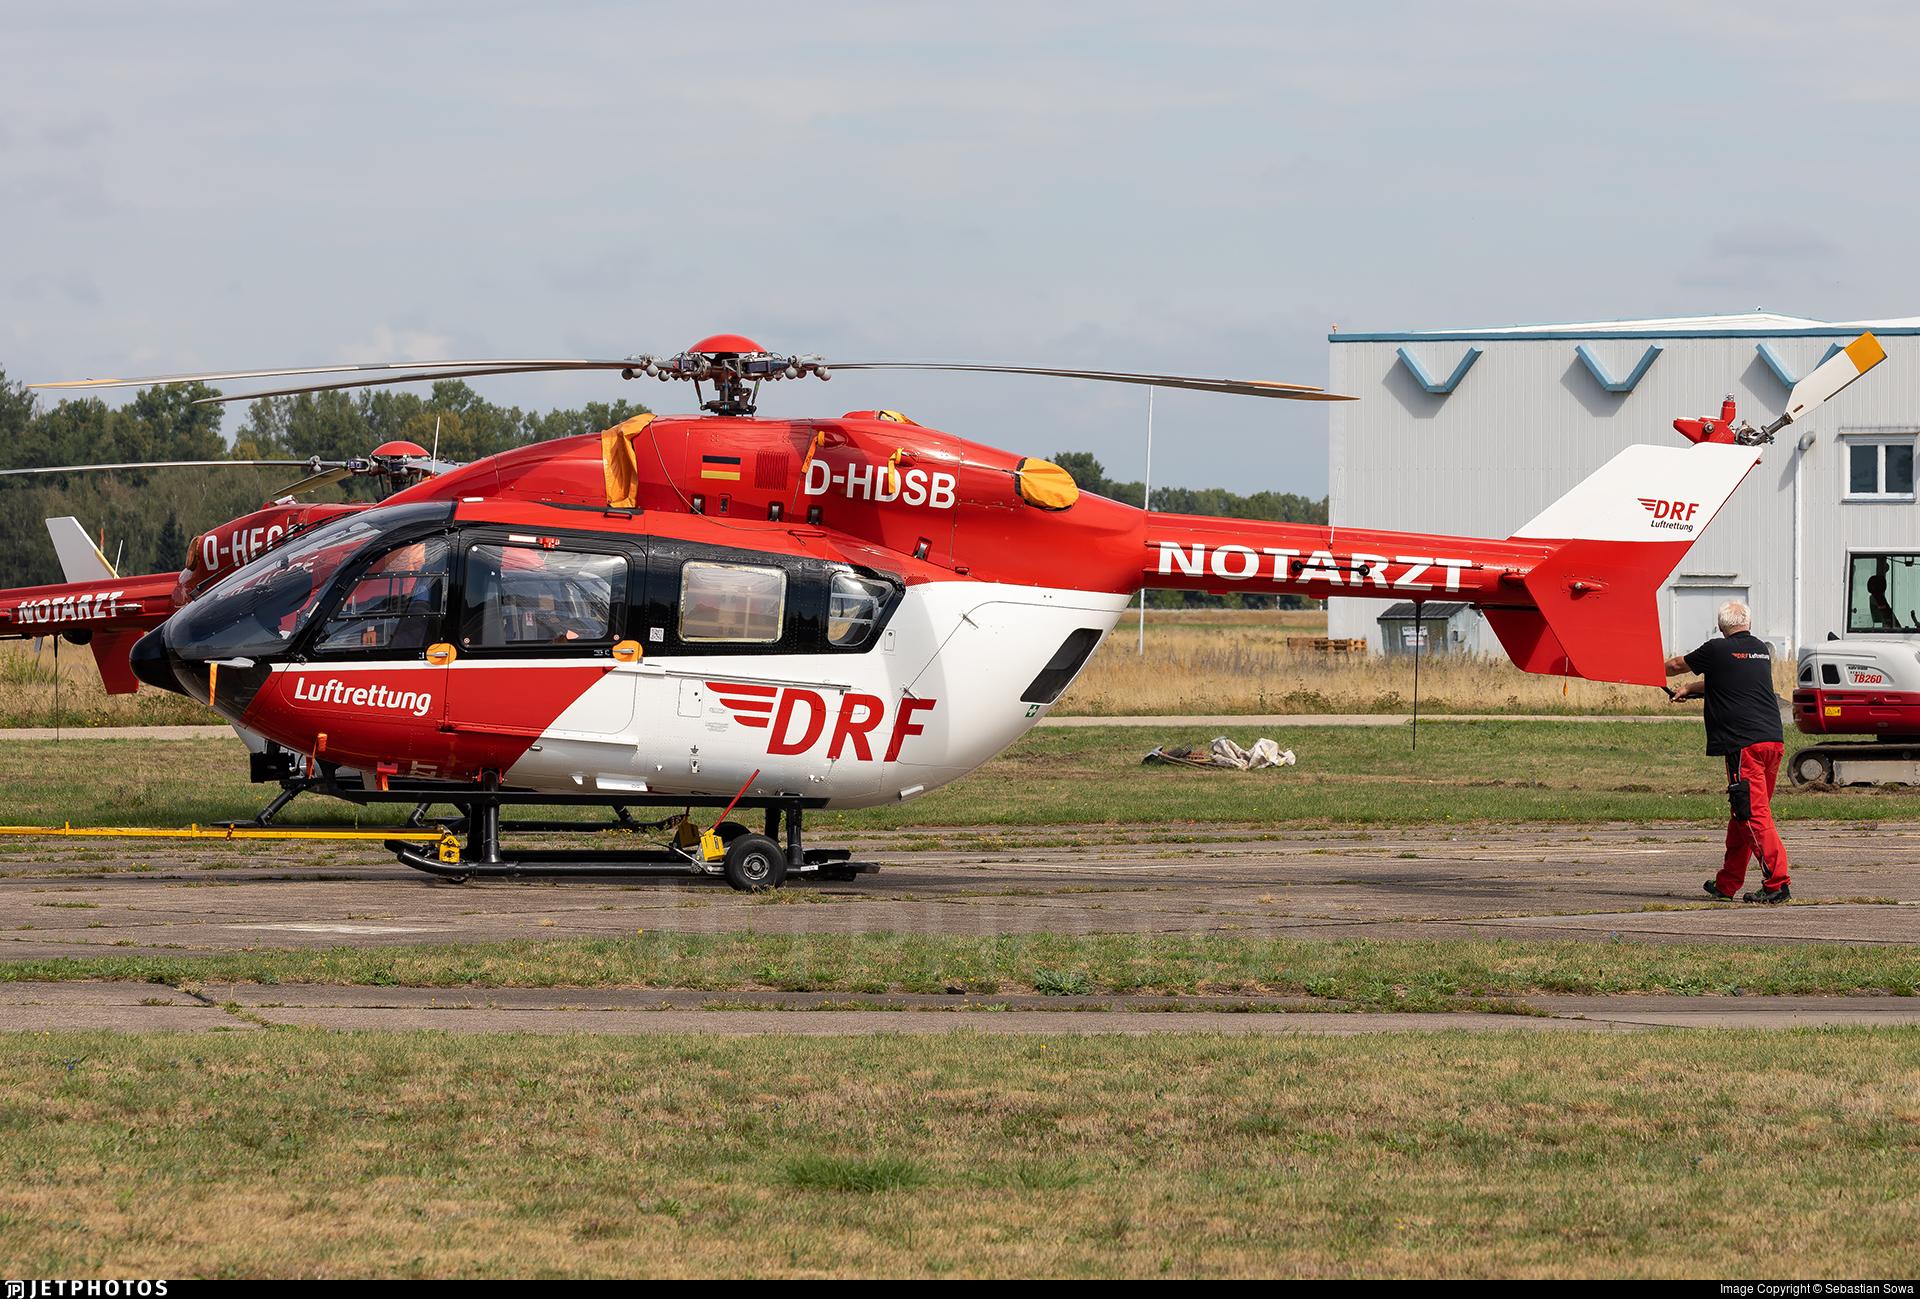 D-HDSB - Eurocopter EC 145 - DRF Luftrettung